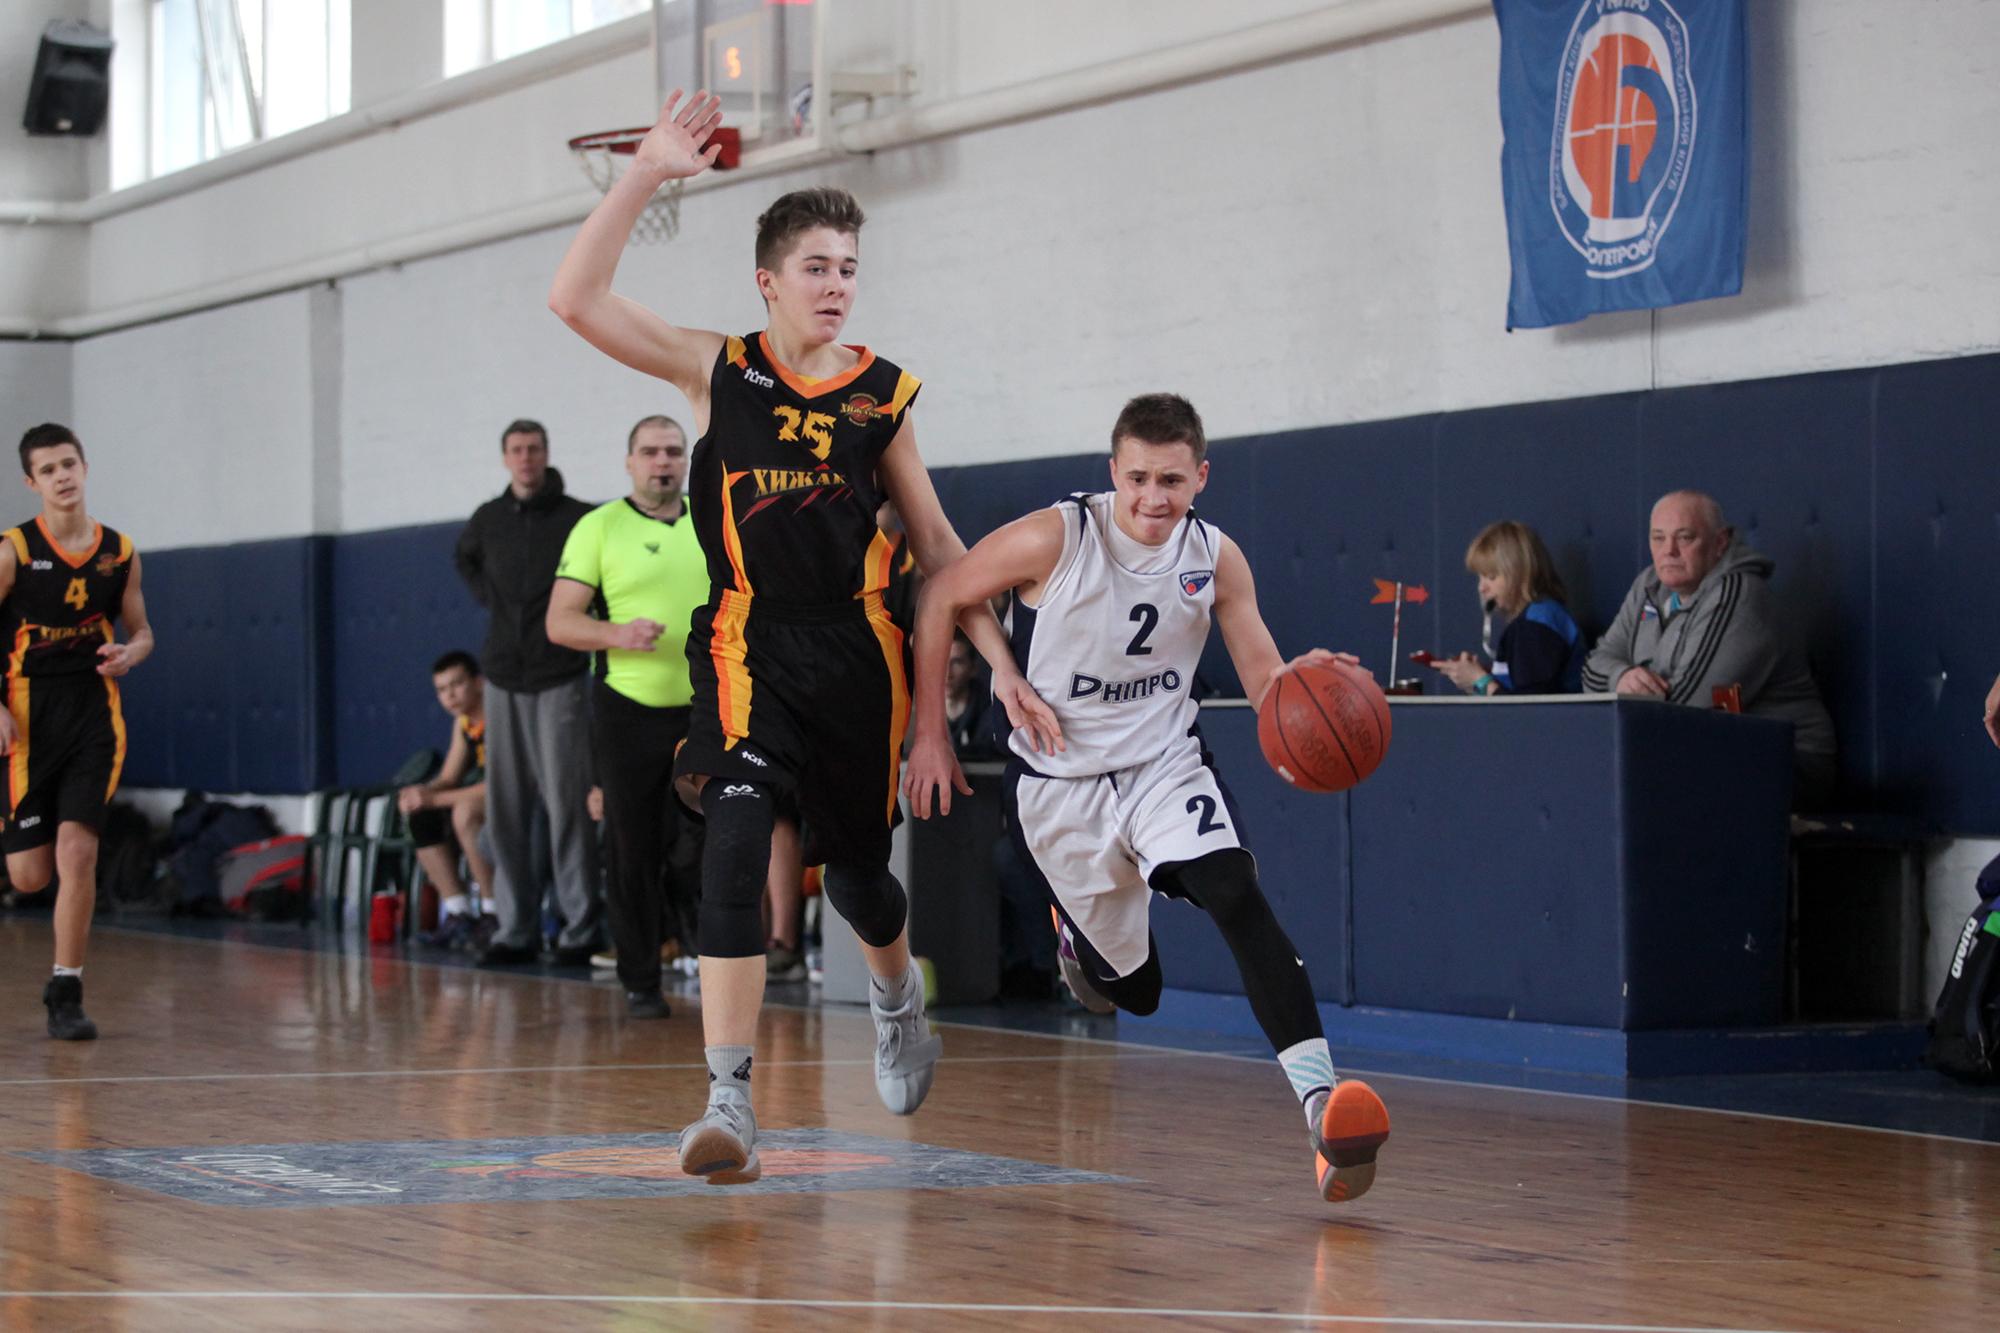 Юнацькі баскетбольні пристрасті у Дніпрі: фотогалерея